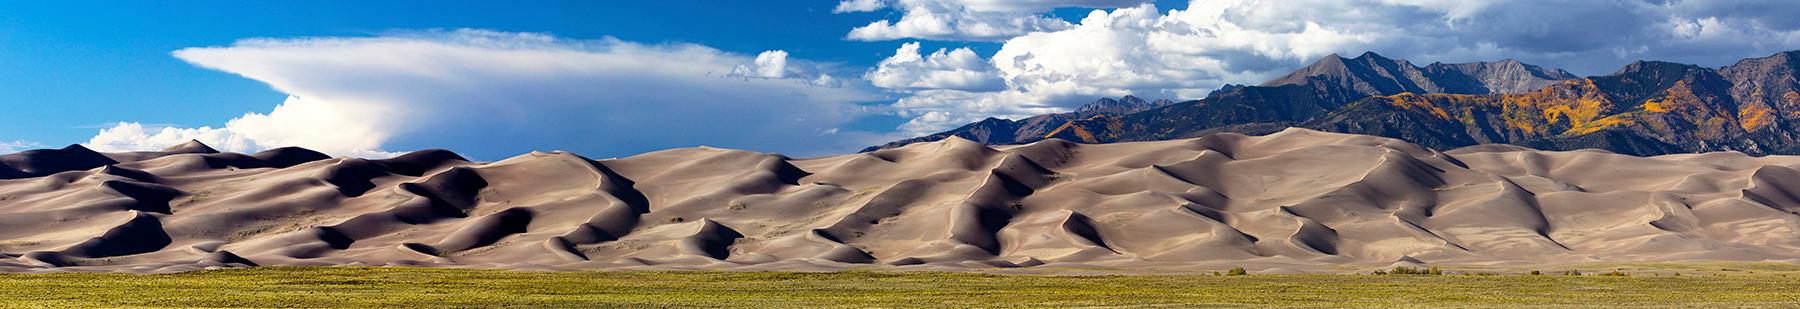 <div class='title'>           sand dunesA         </div>